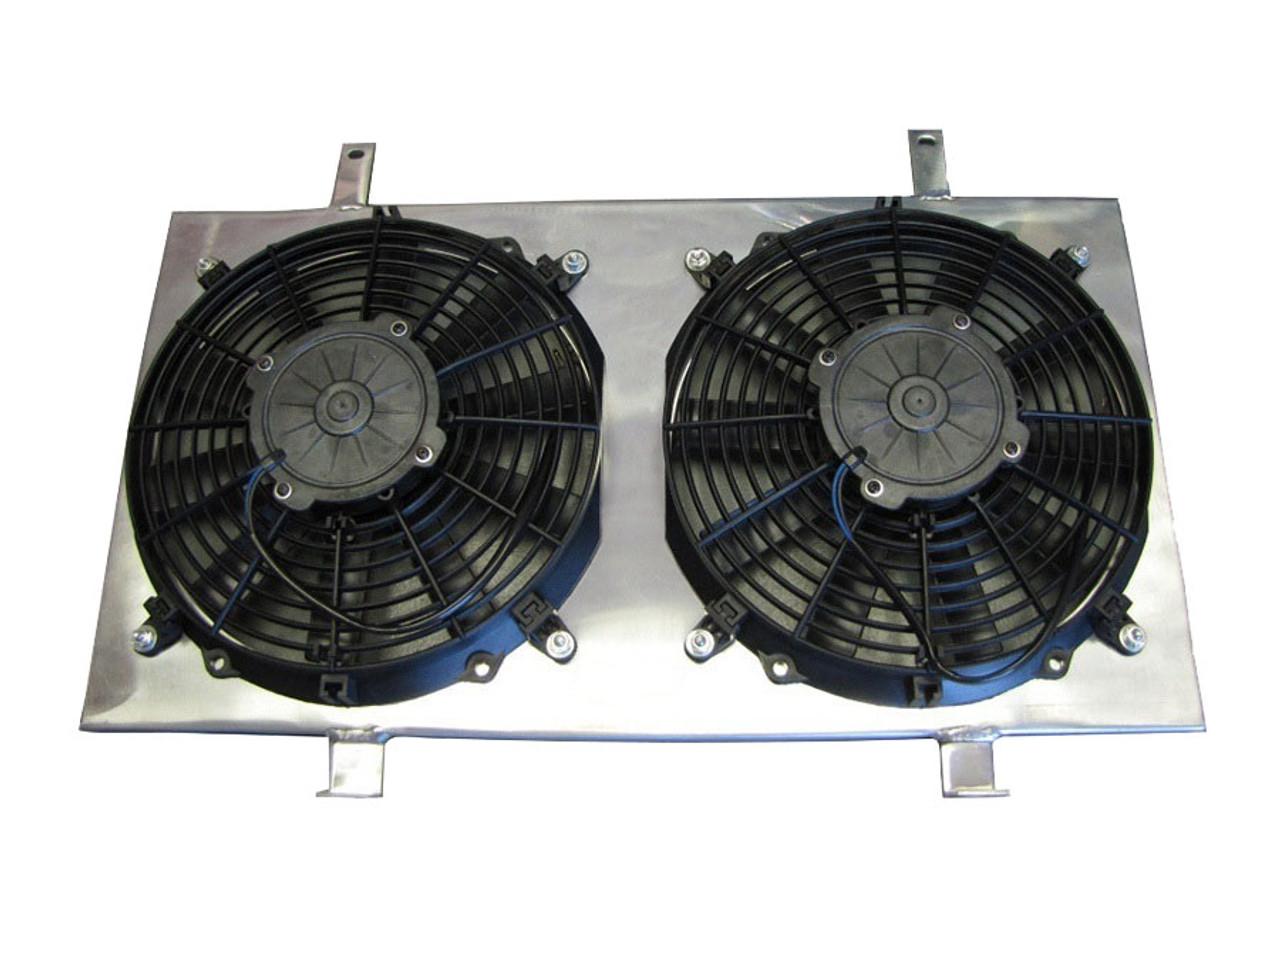 ISR Performance Radiator Fan Shroud Kit - Nissan SR20DET S13 on